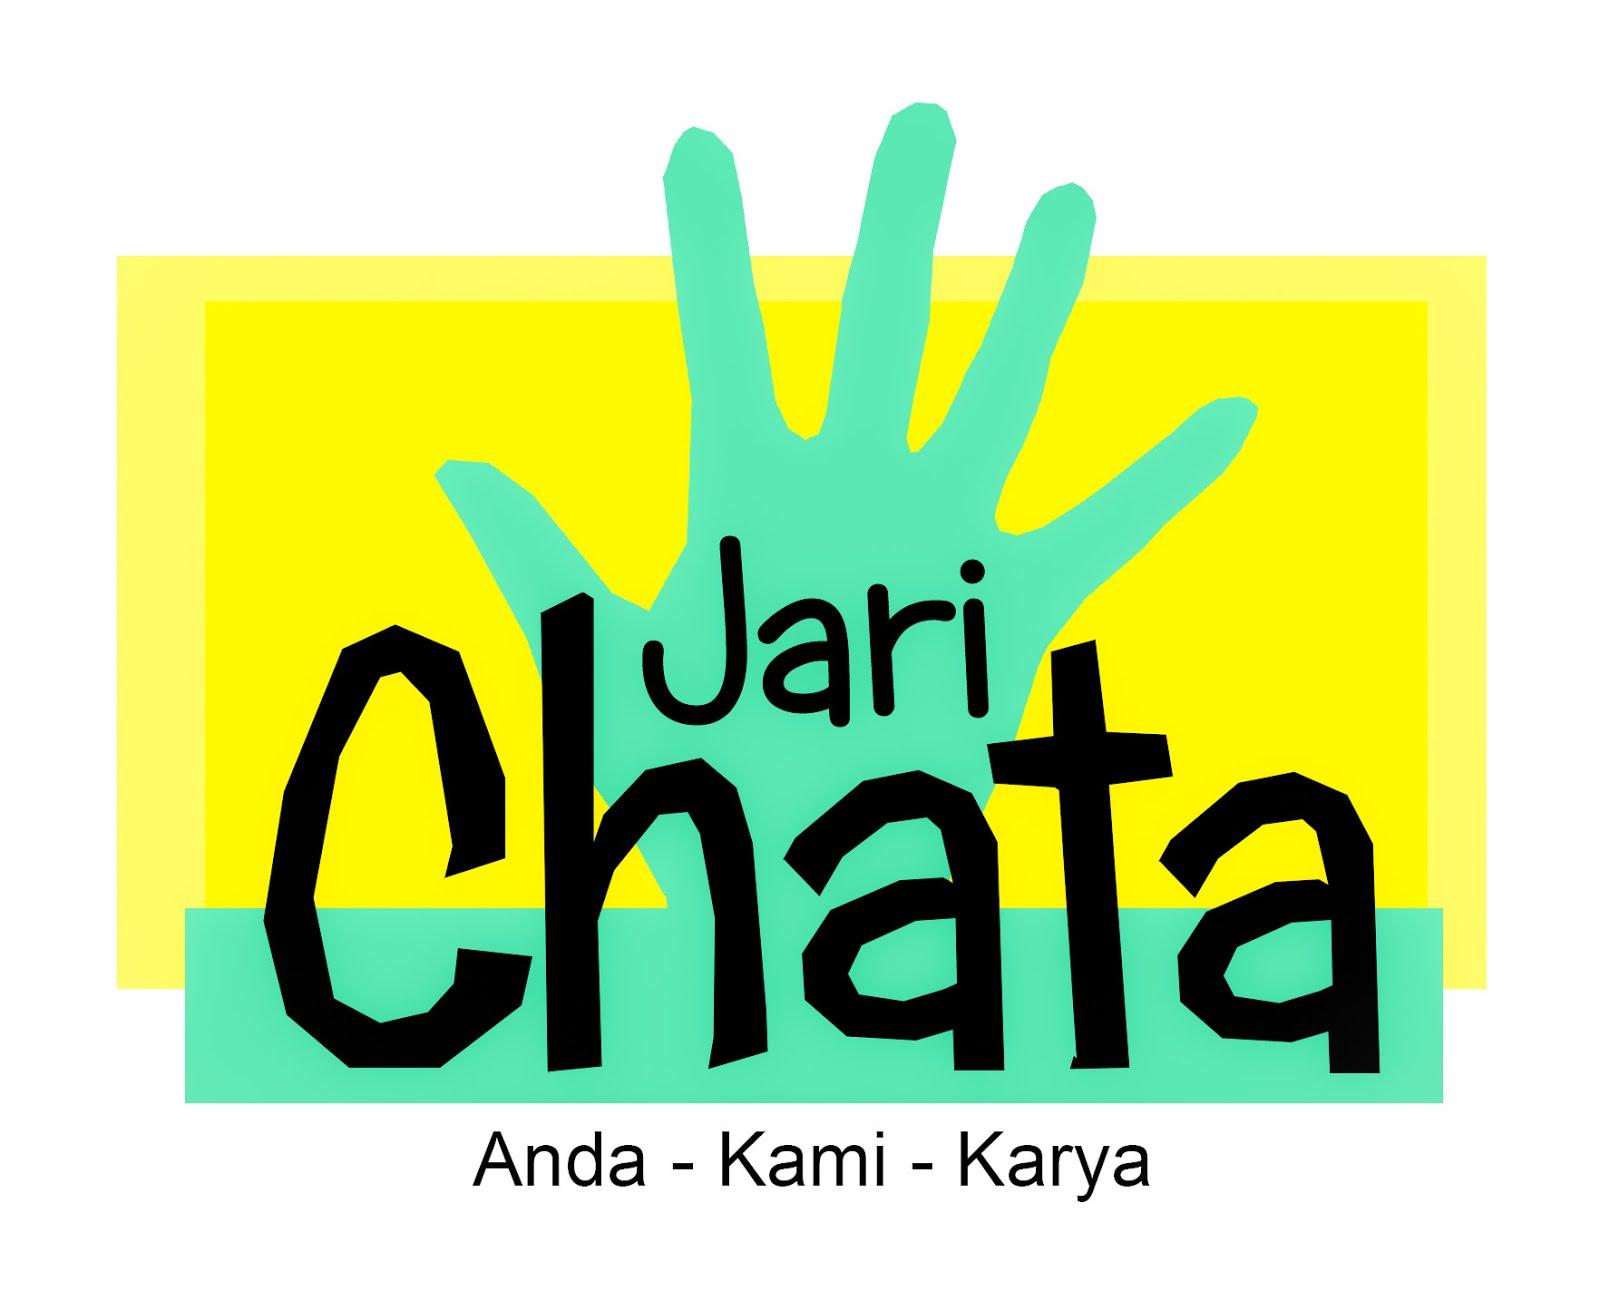 Jari Chata Studio